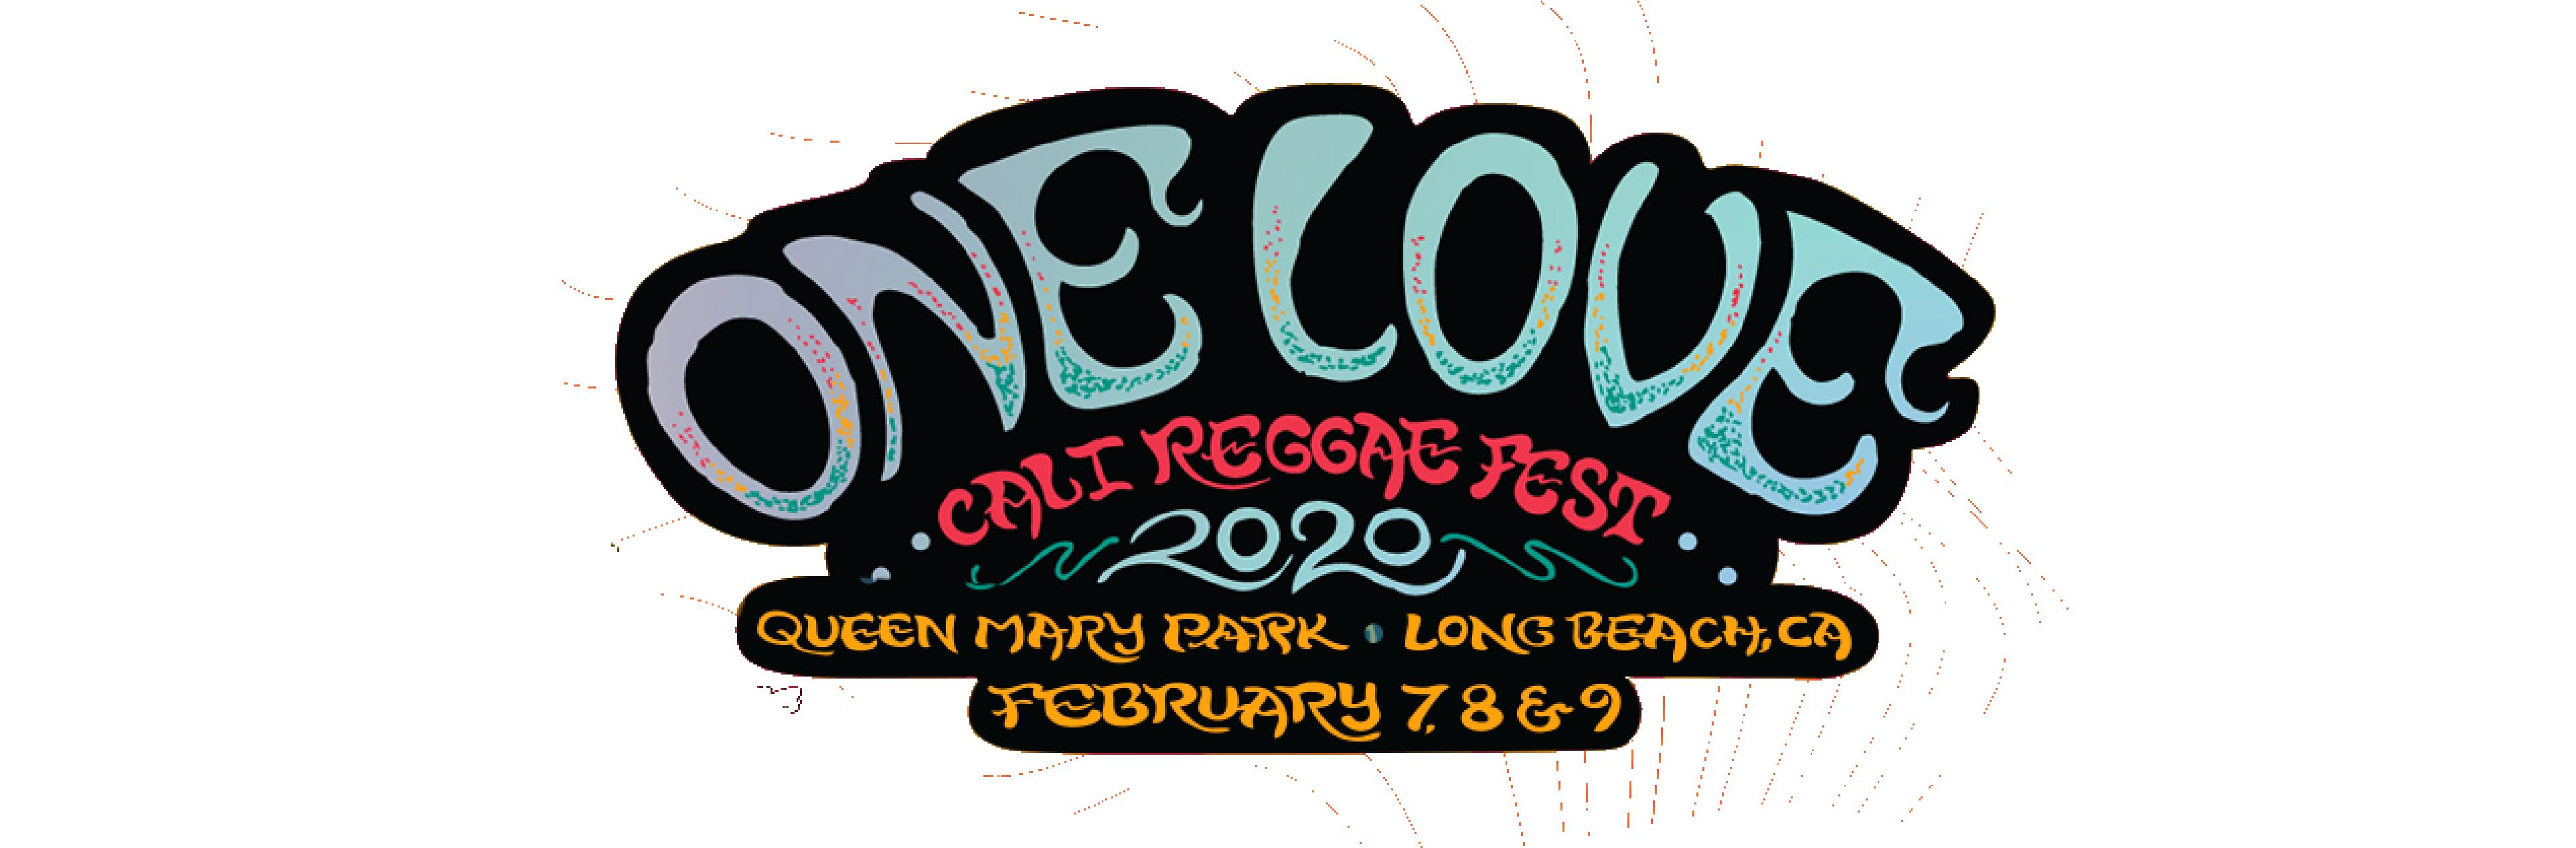 One Love Cali Reggae Fest 2020 logo